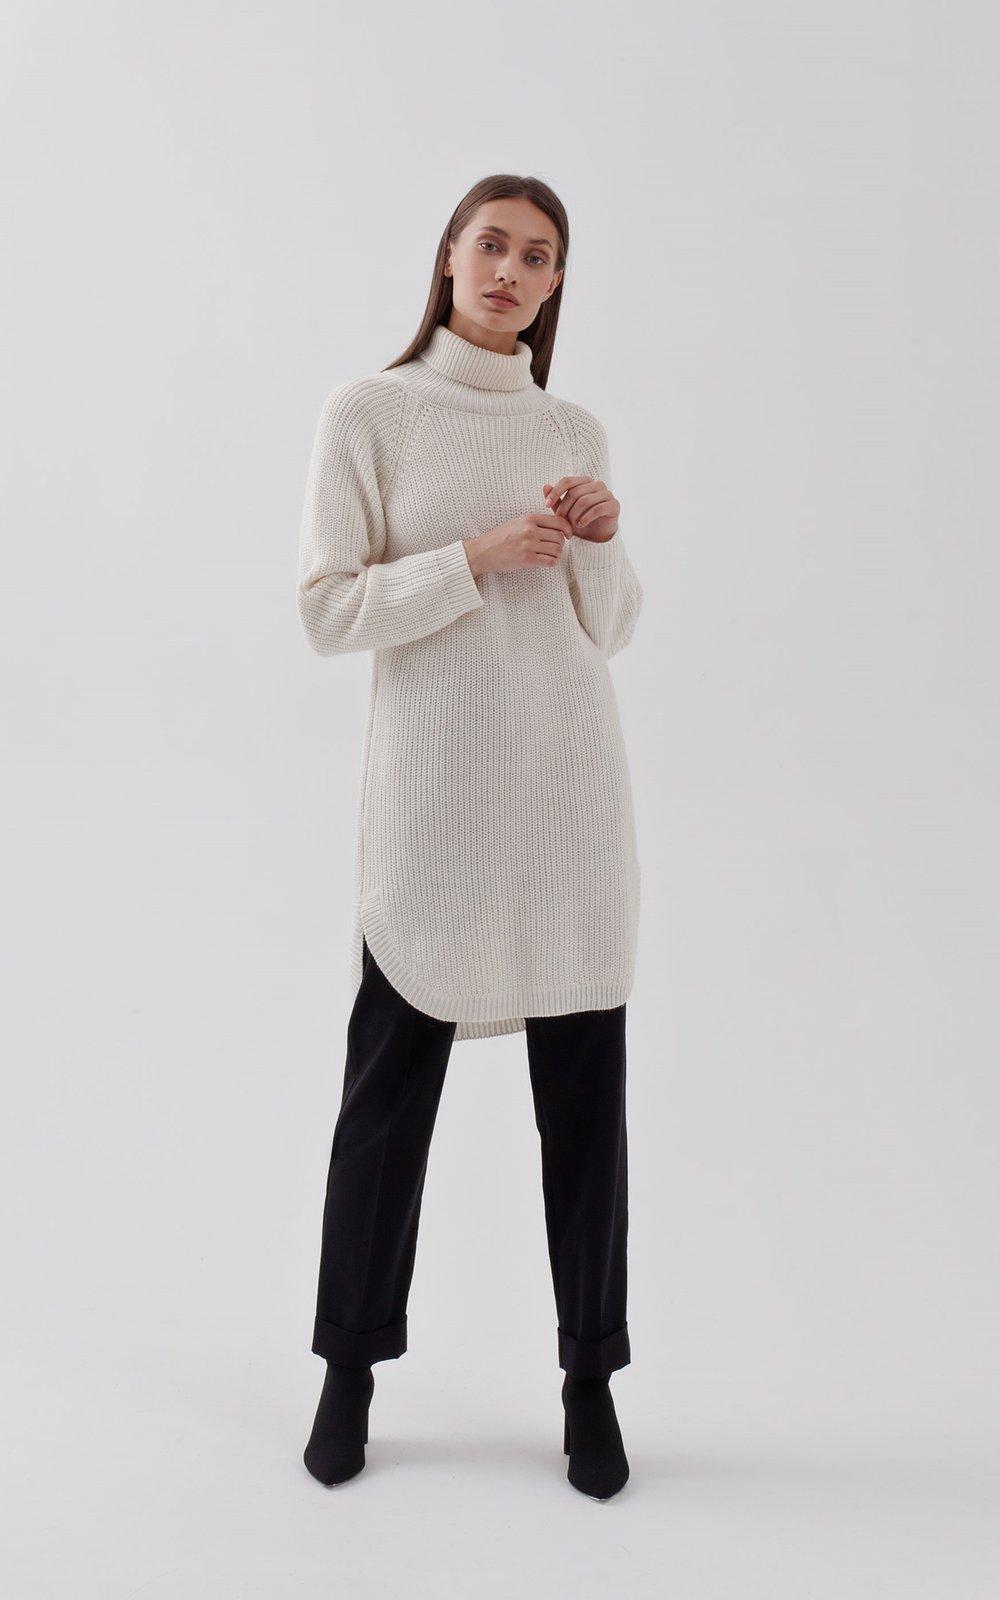 e90ca27d49c Белое трикотажное платье-свитер